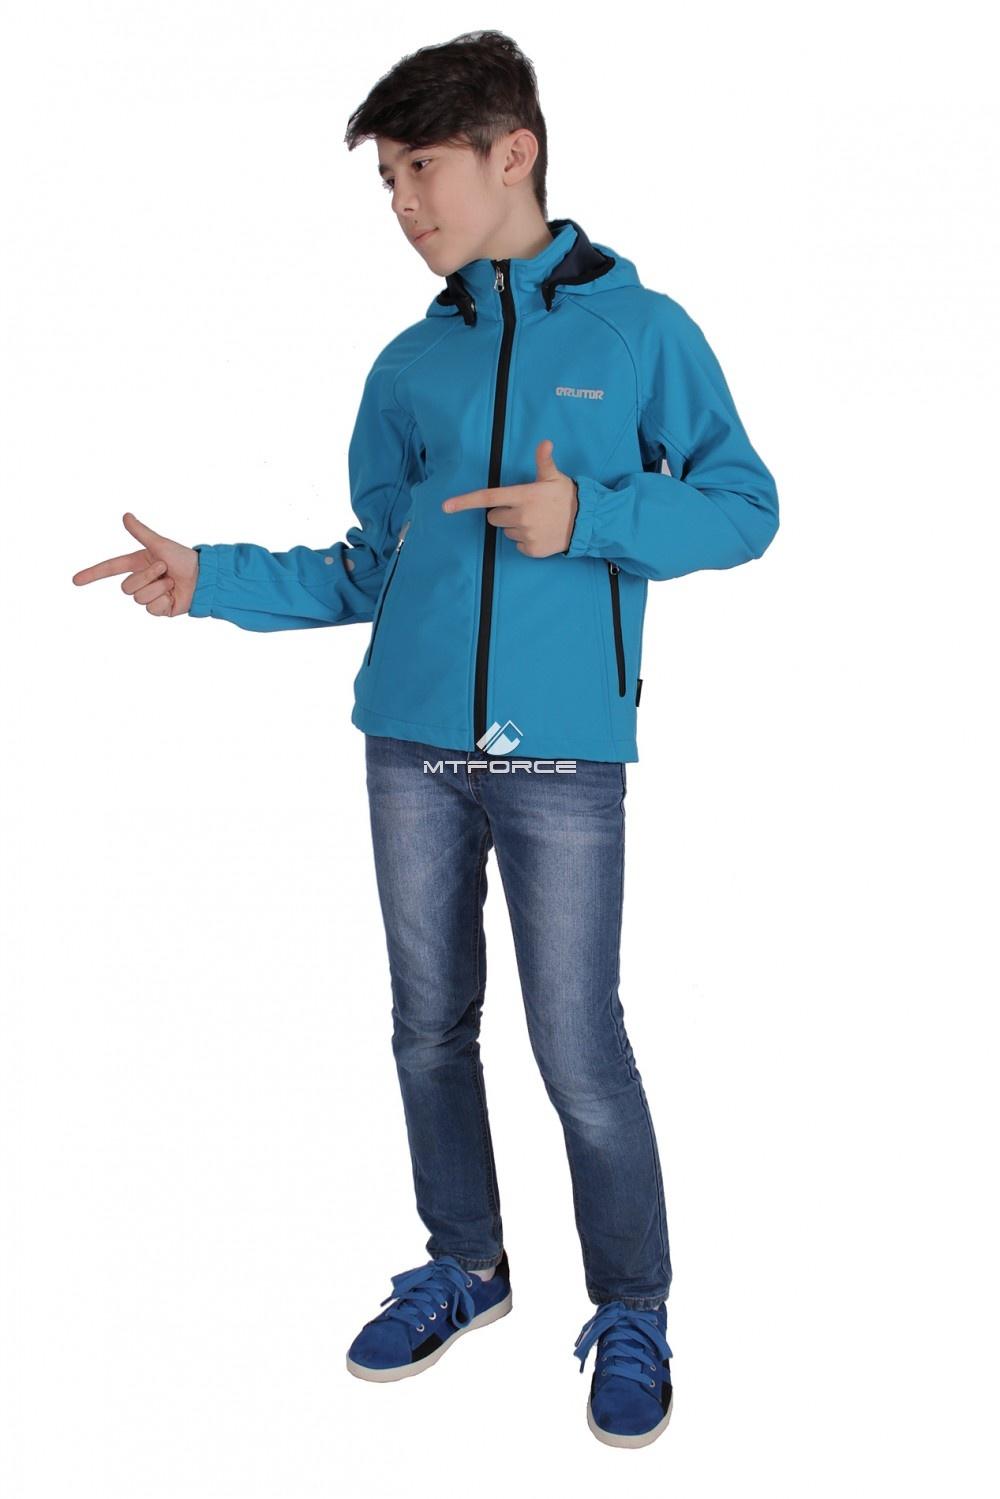 Купить                                      оптом Куртка ветровка подростковая для мальчика голубого цвета 034-2Gl в Санкт-Петербурге